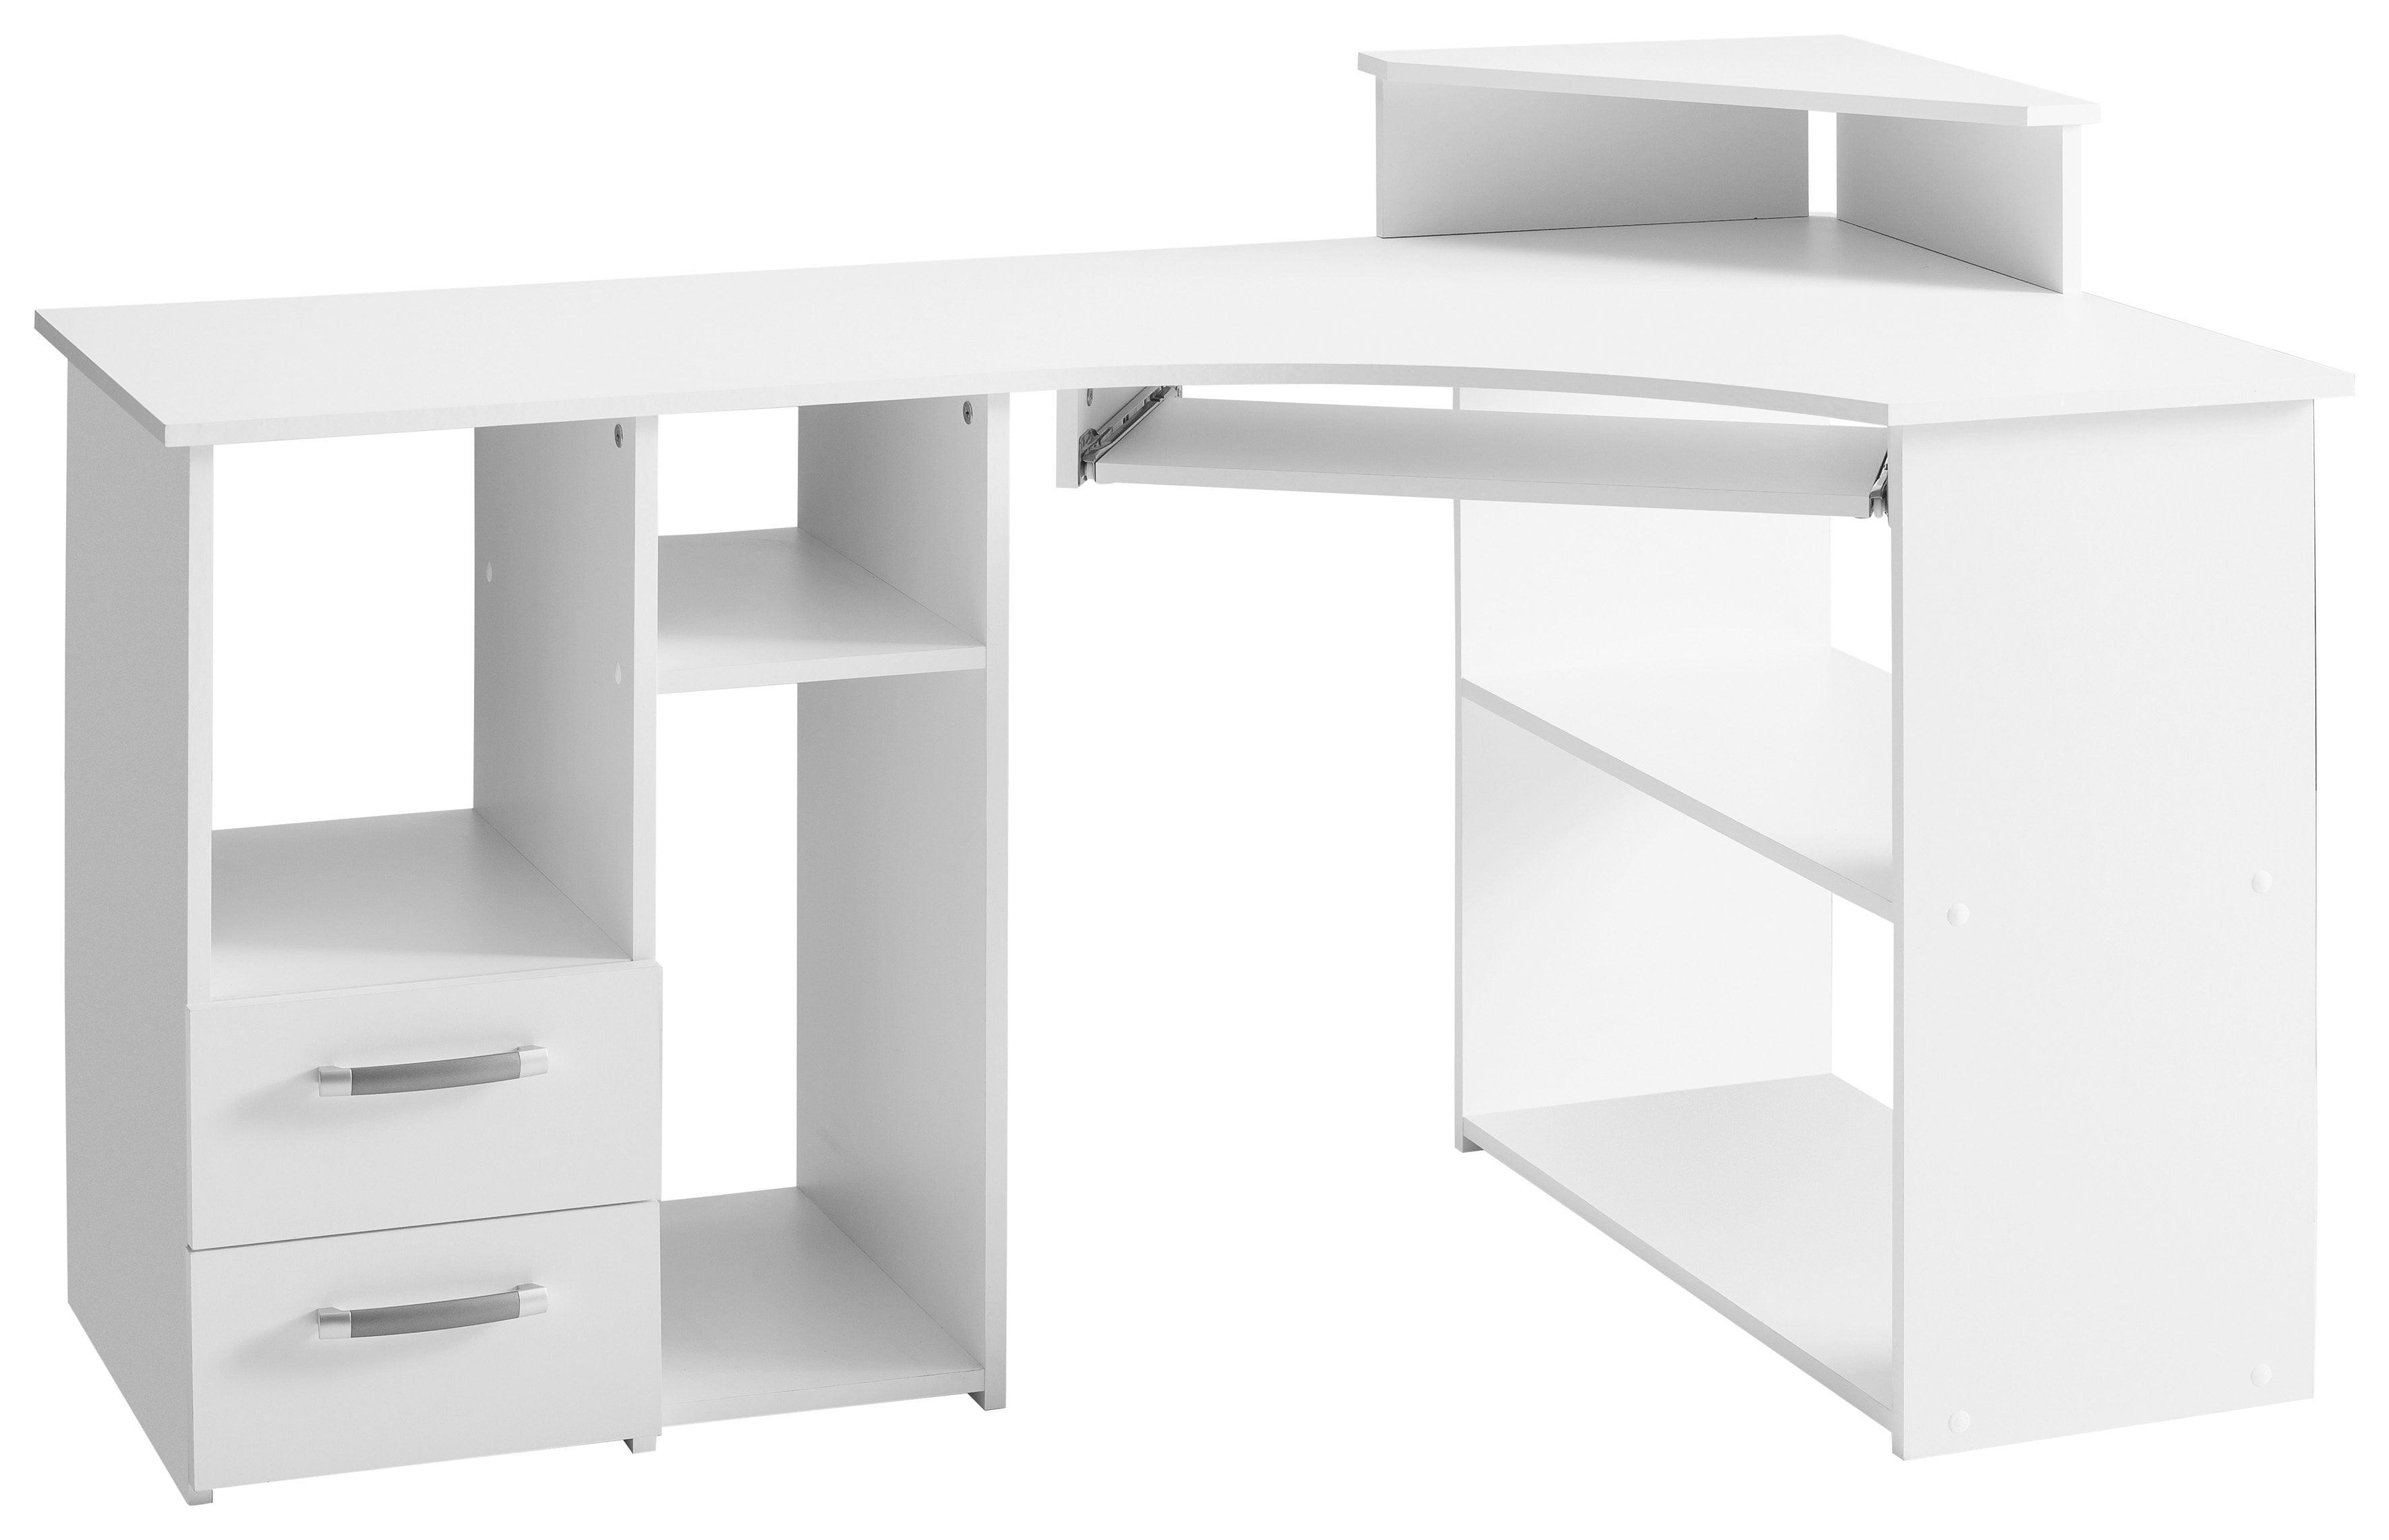 tastaturauszug preisvergleich die besten angebote online kaufen. Black Bedroom Furniture Sets. Home Design Ideas